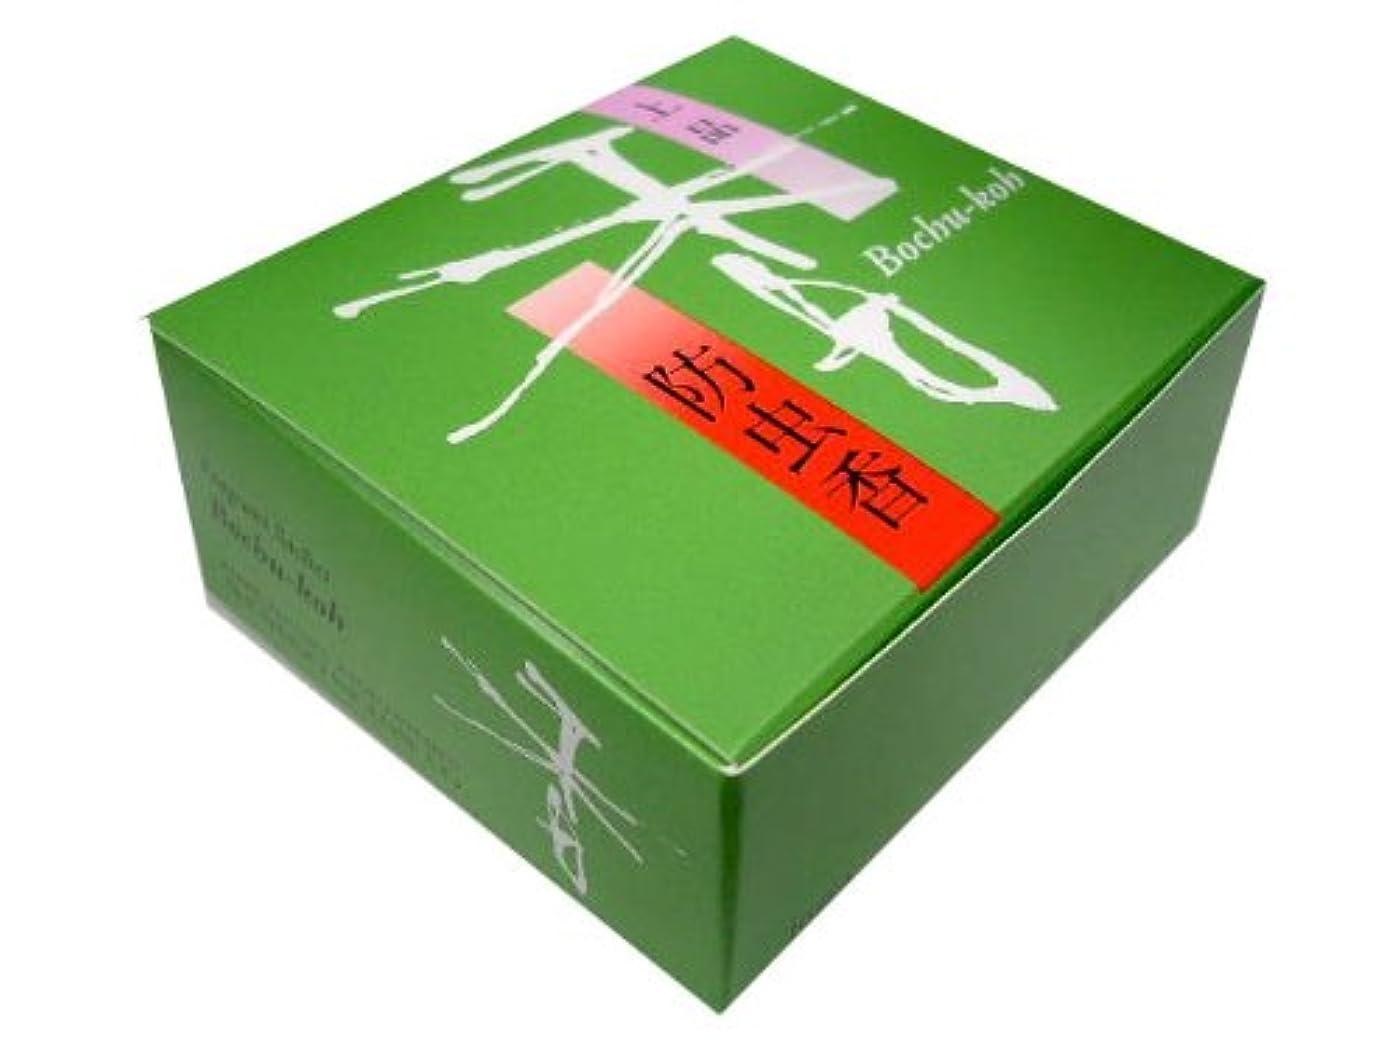 静けさレイ魅惑する松栄堂の防虫香 上品 防虫香 10袋入 #520138